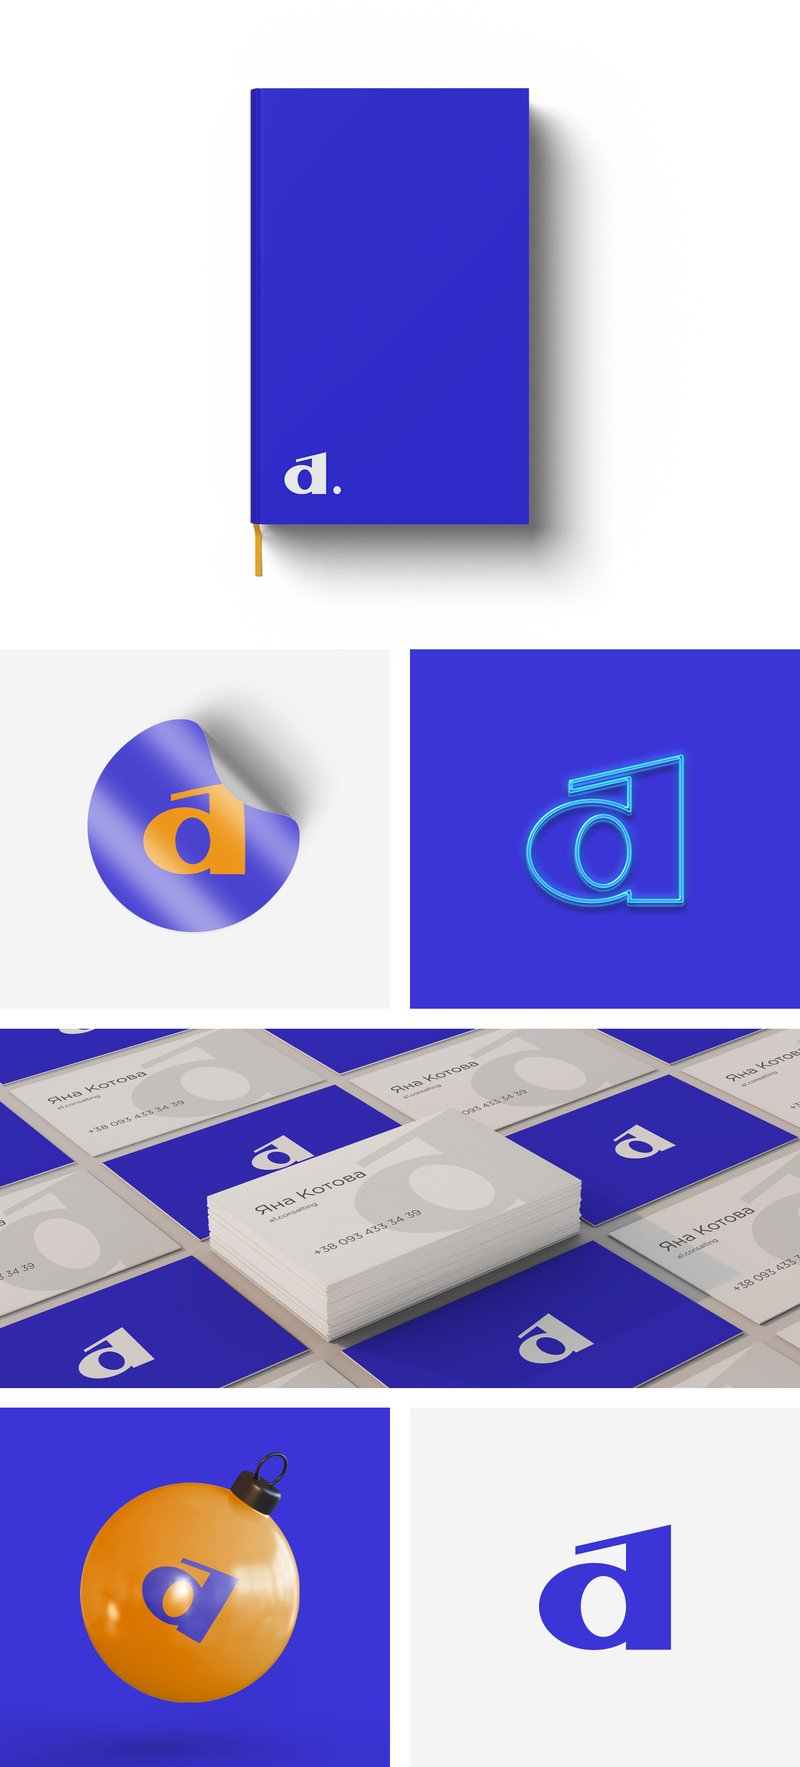 Концепт логотипа для а1 консалтинг – работа в портфолио фрилансера